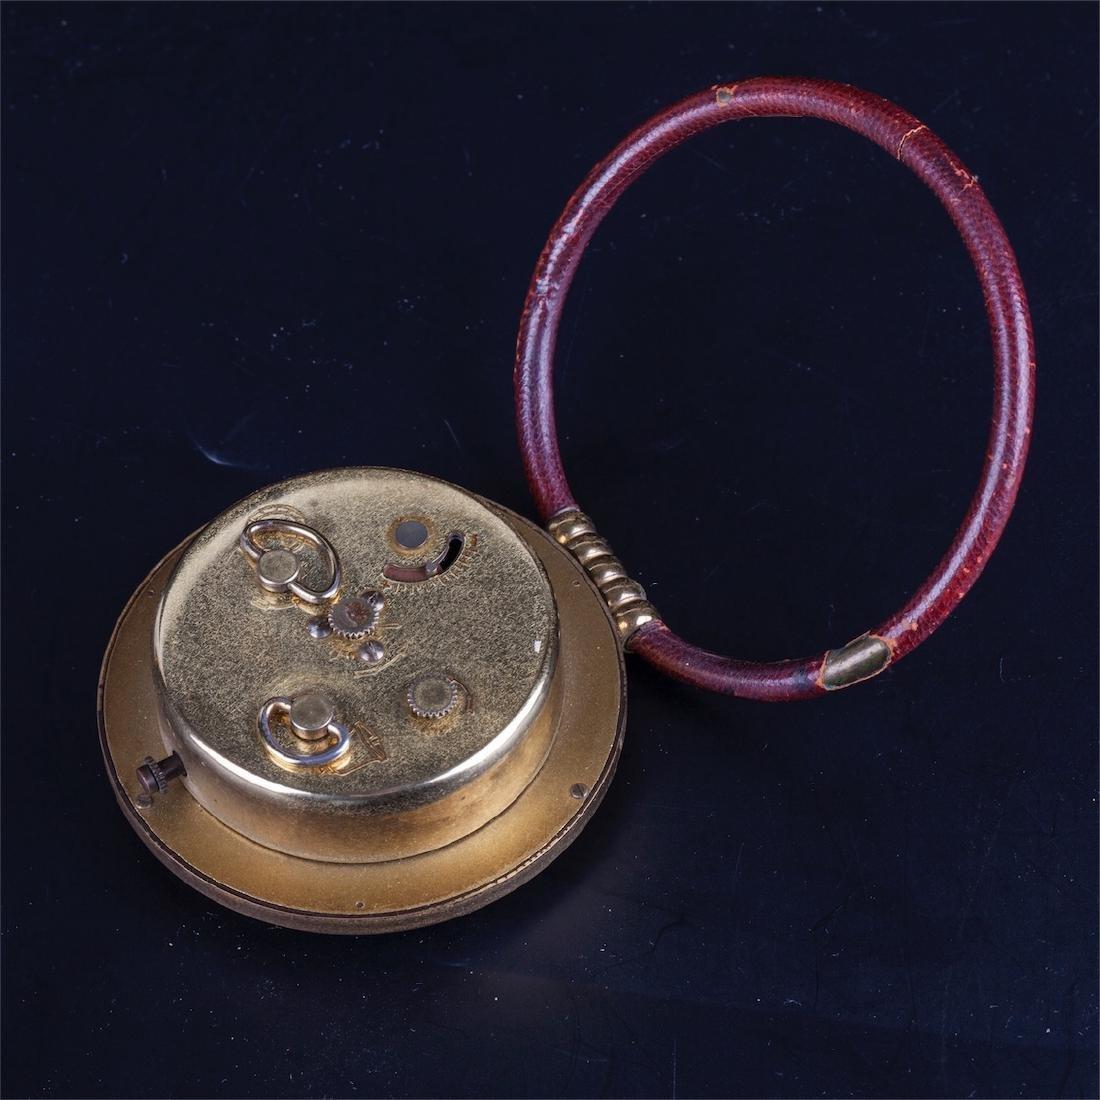 Vintage Hermes desk clock with alarm - 3